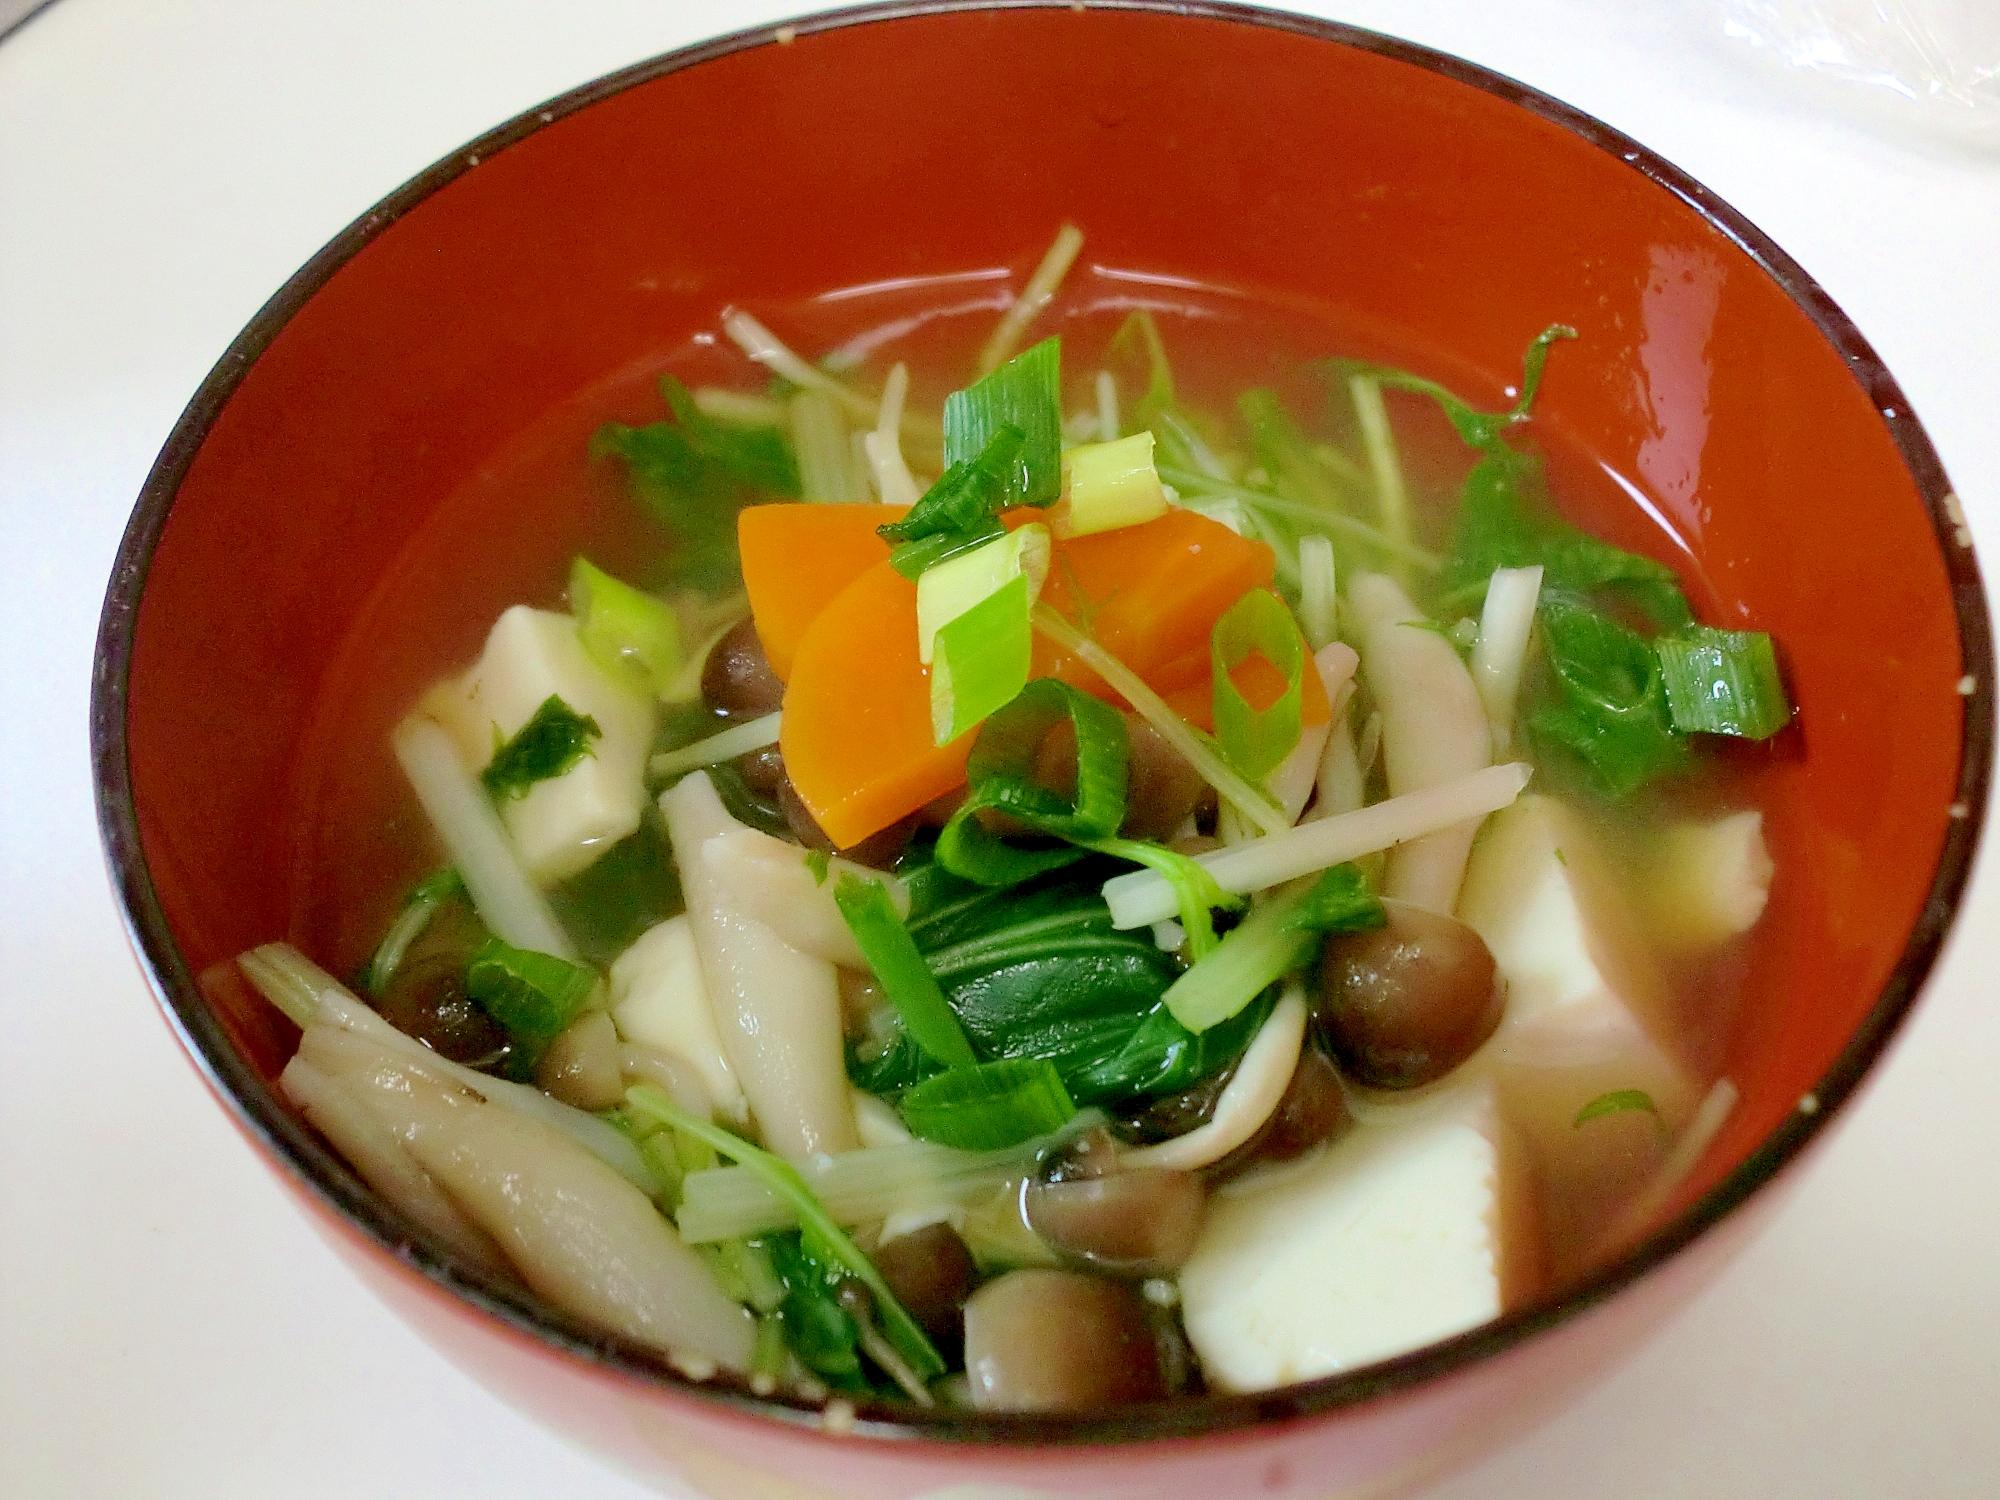 キノコたっぷり♪飛魚だしの野菜スープ